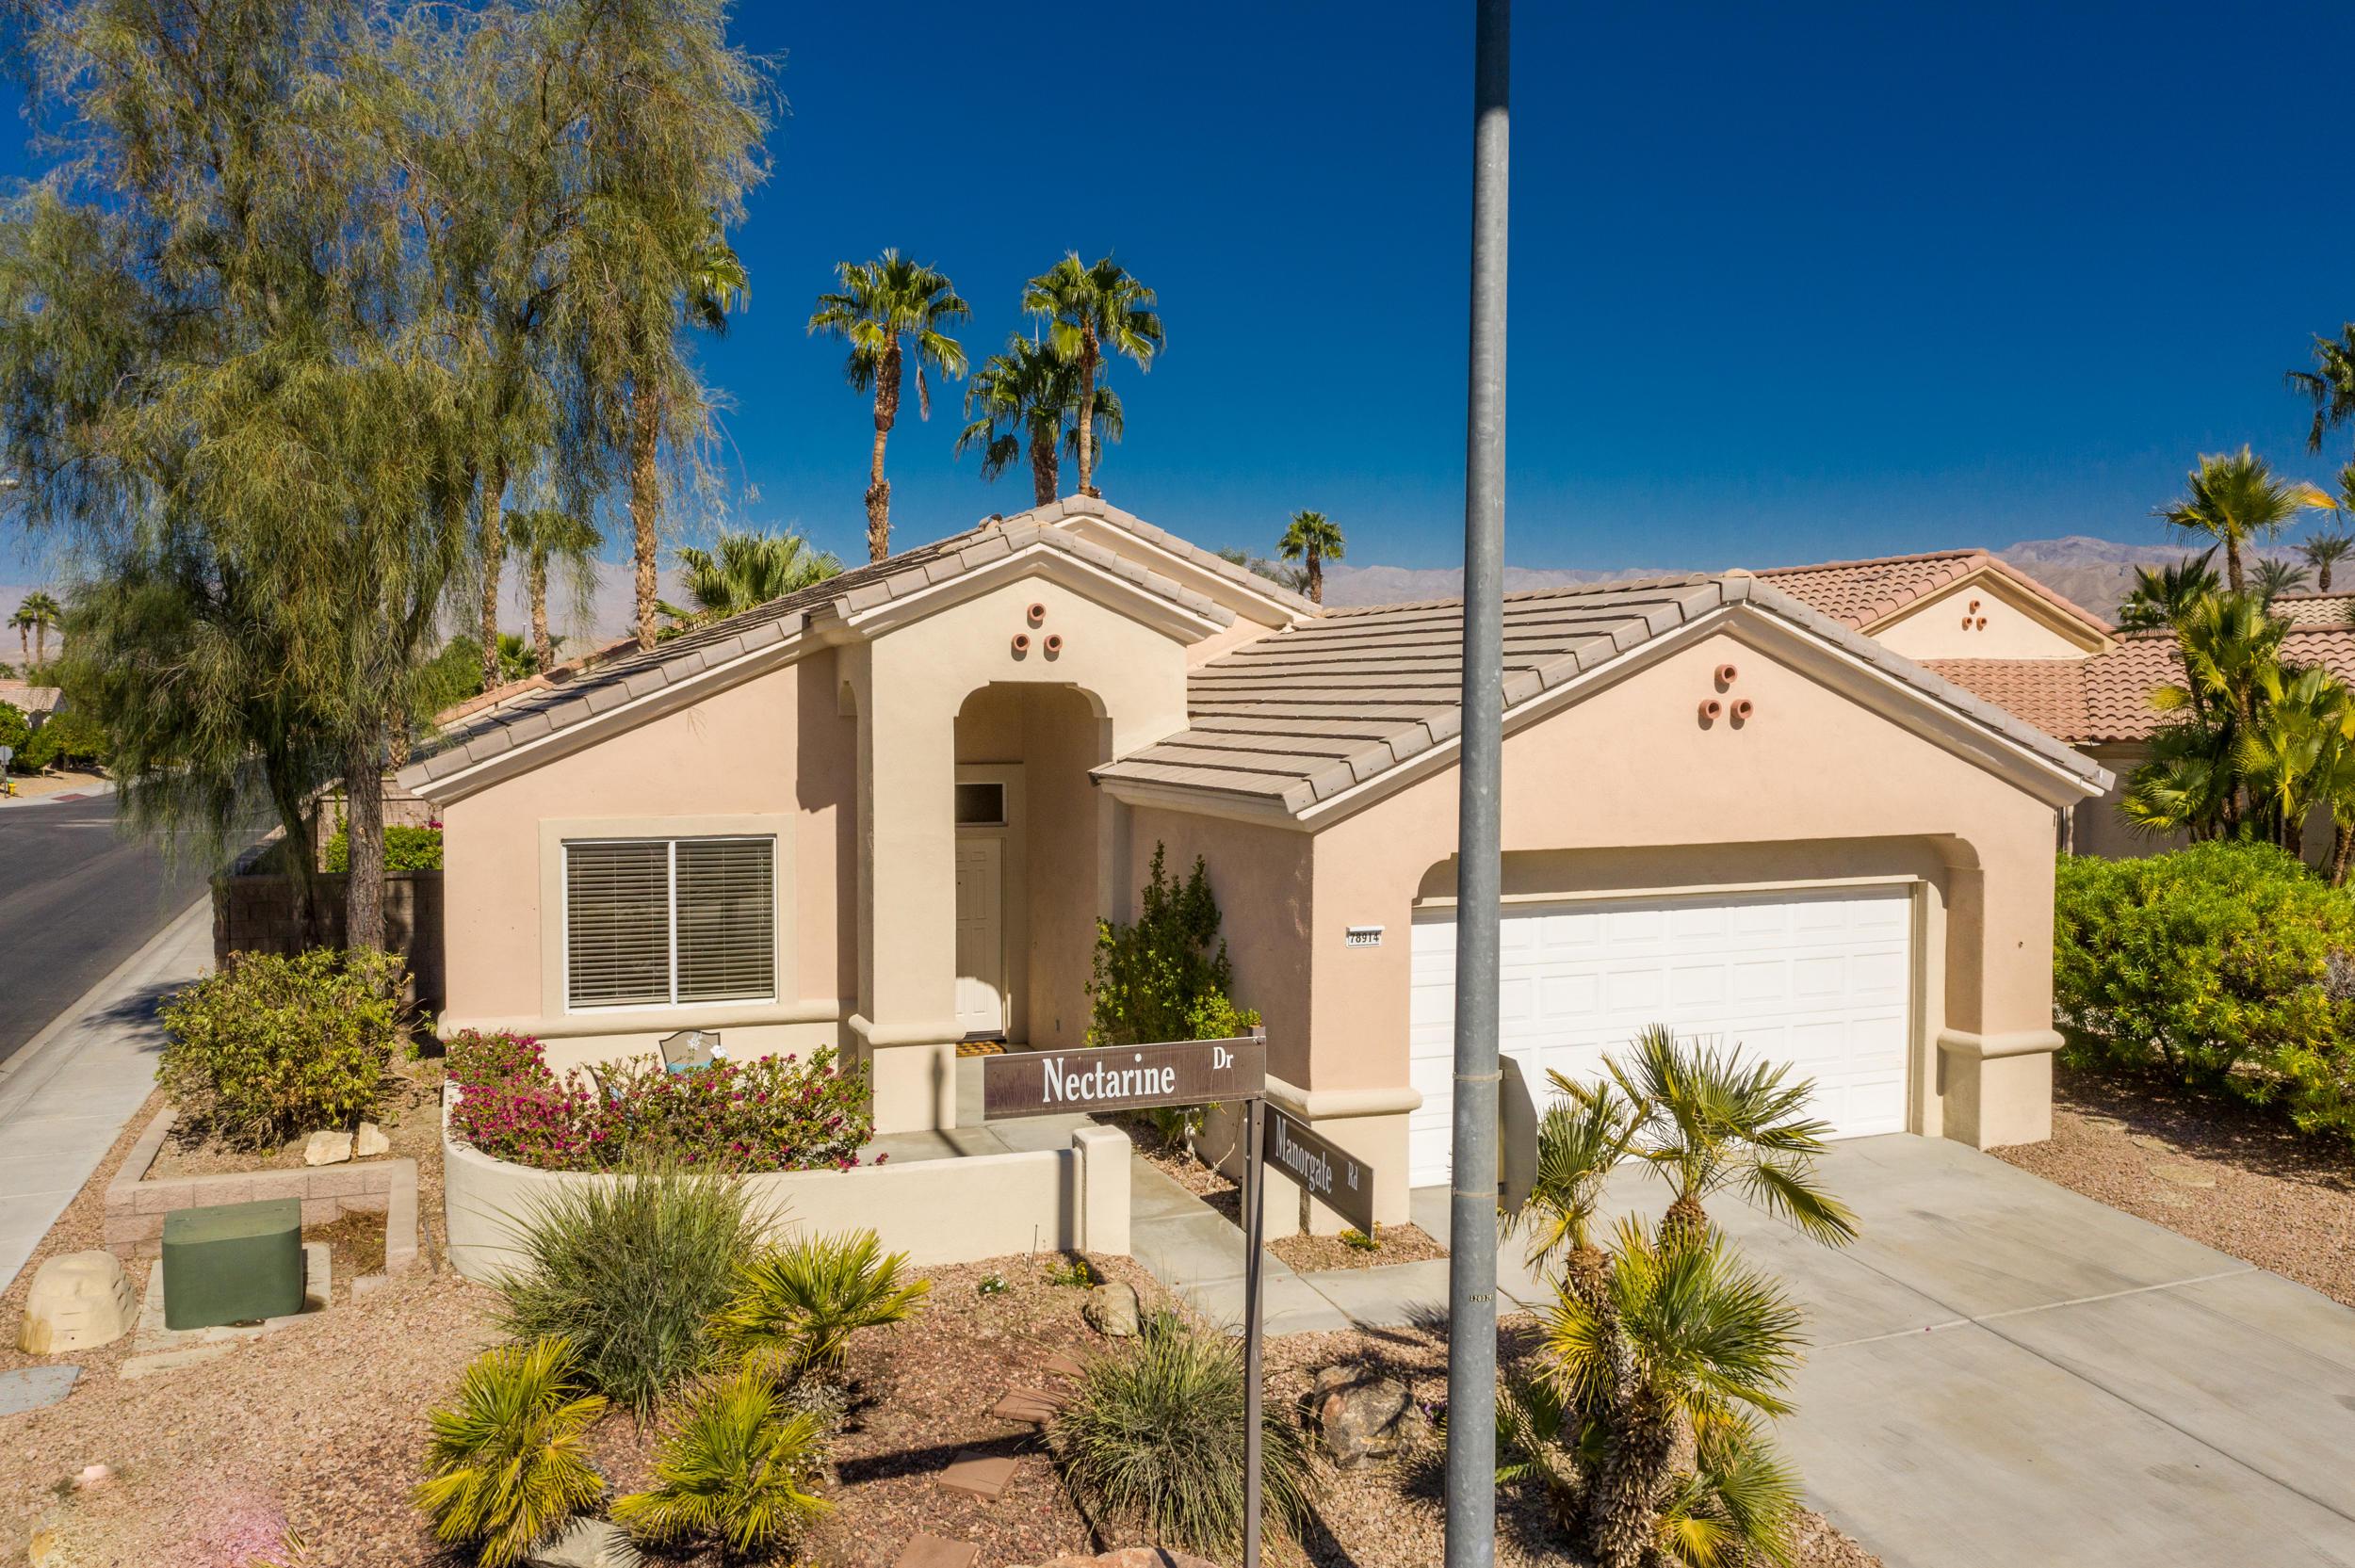 Photo of 78914 Nectarine Drive, Palm Desert, CA 92211